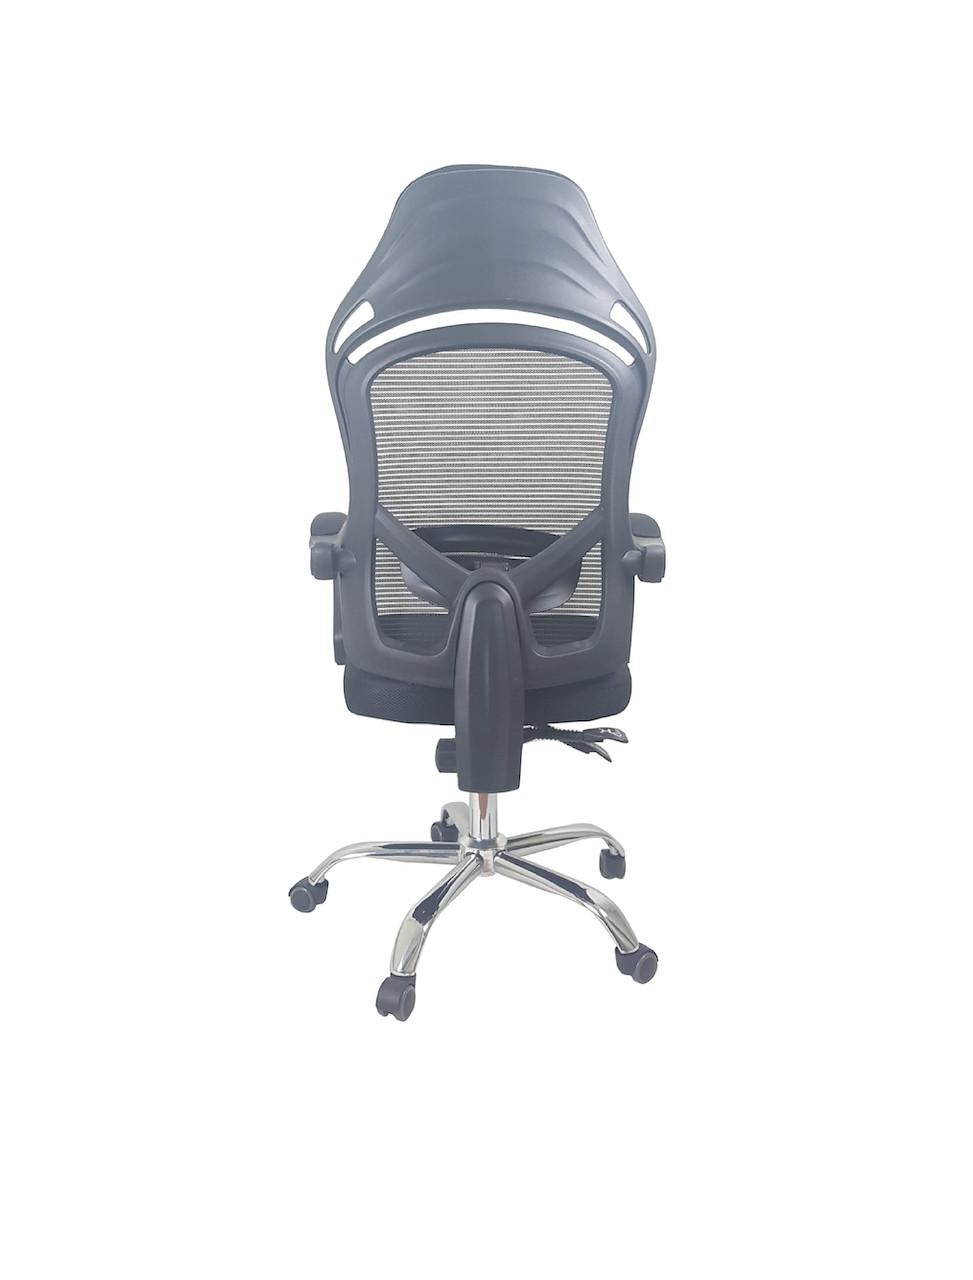 Ghế văn phòng ngả lưng thư giãn MN-G518-M1